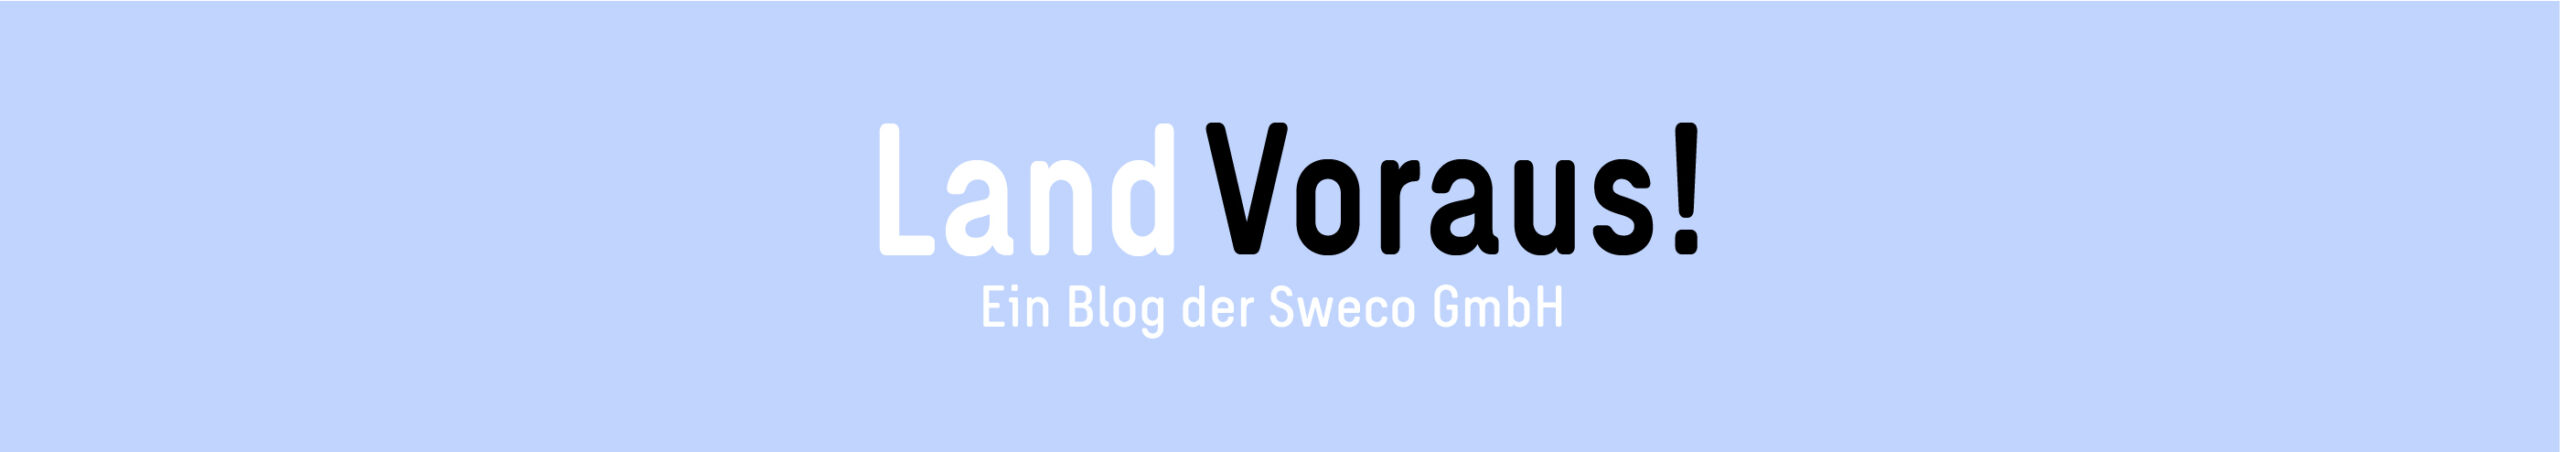 LandVoraus! Blog der Sweco GmbH